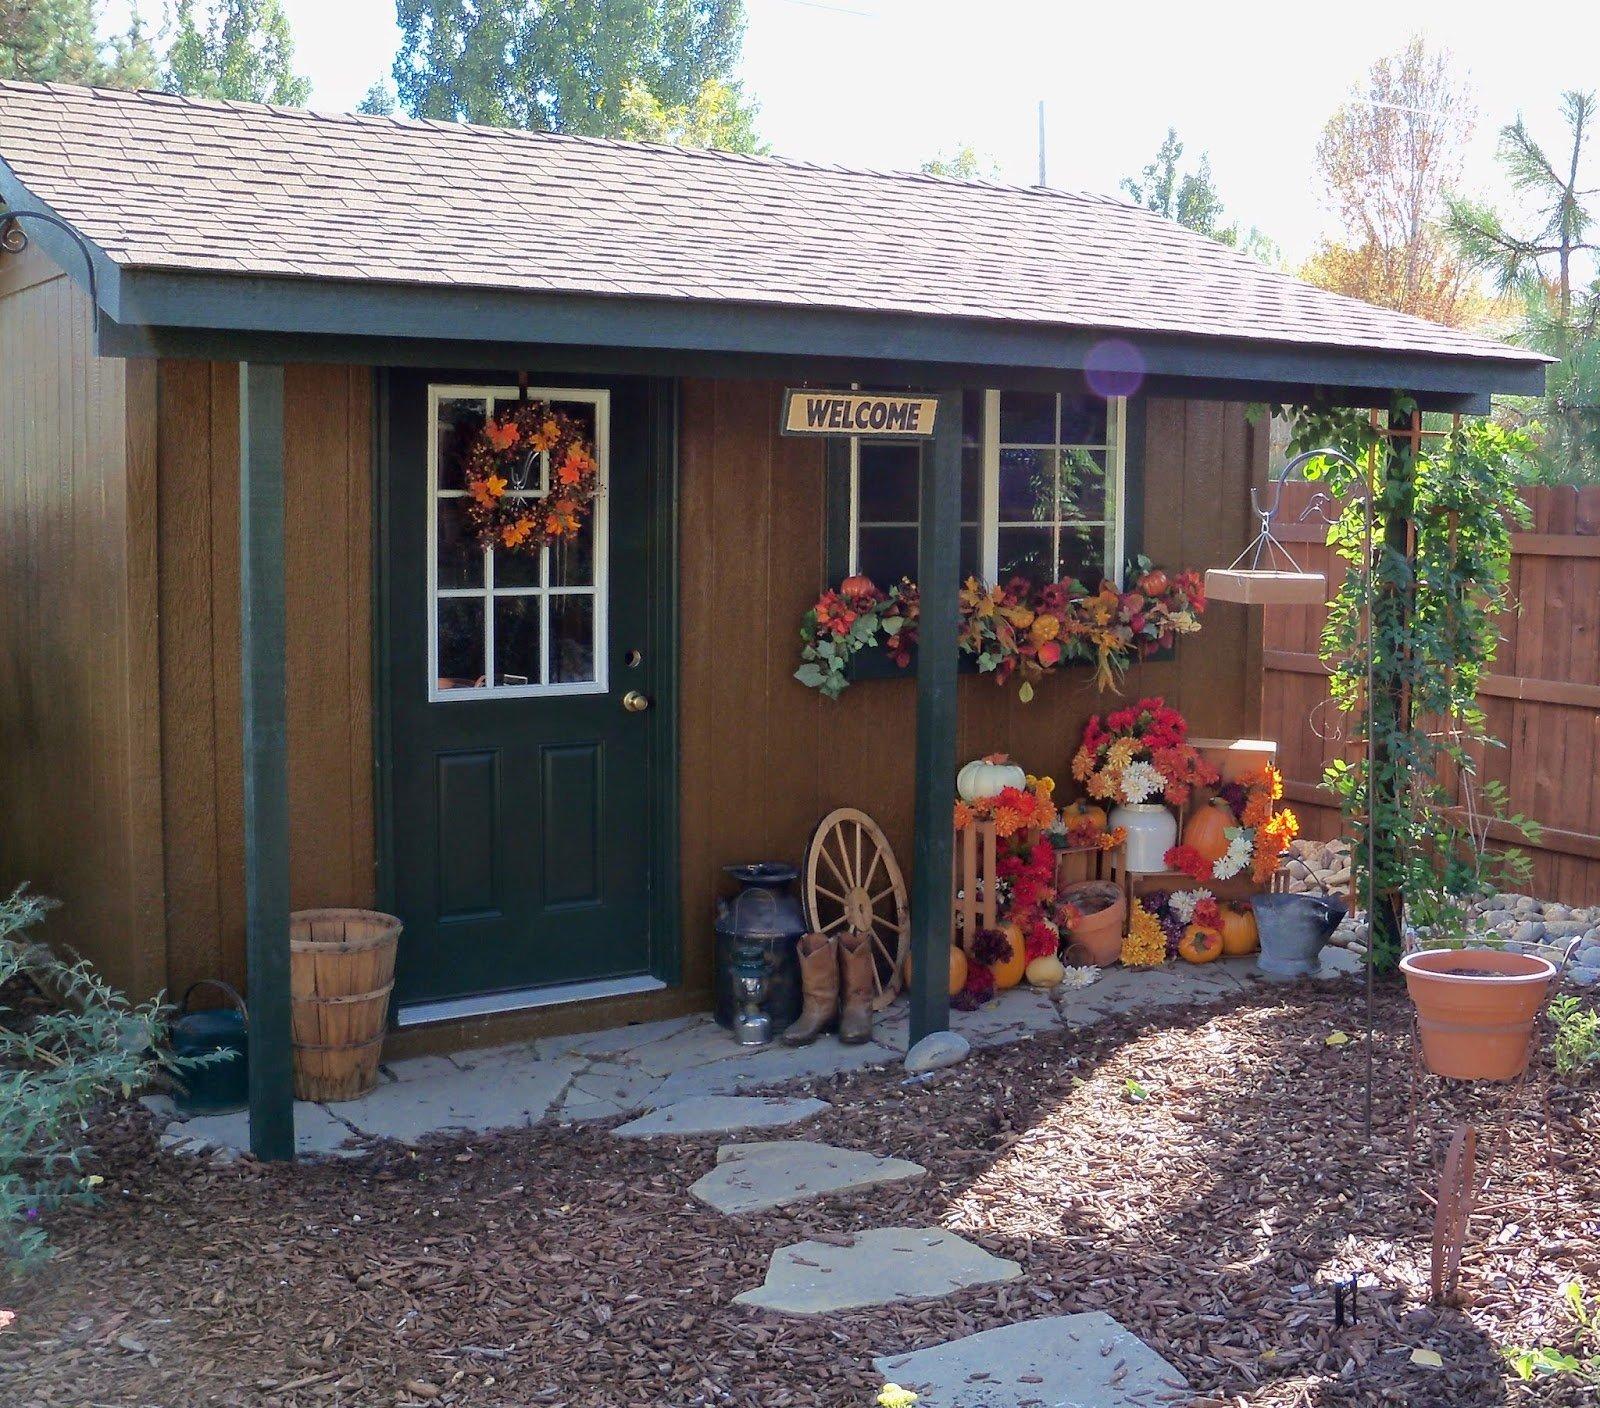 воскресенье как покрасить постройки во дворе с фото устройство